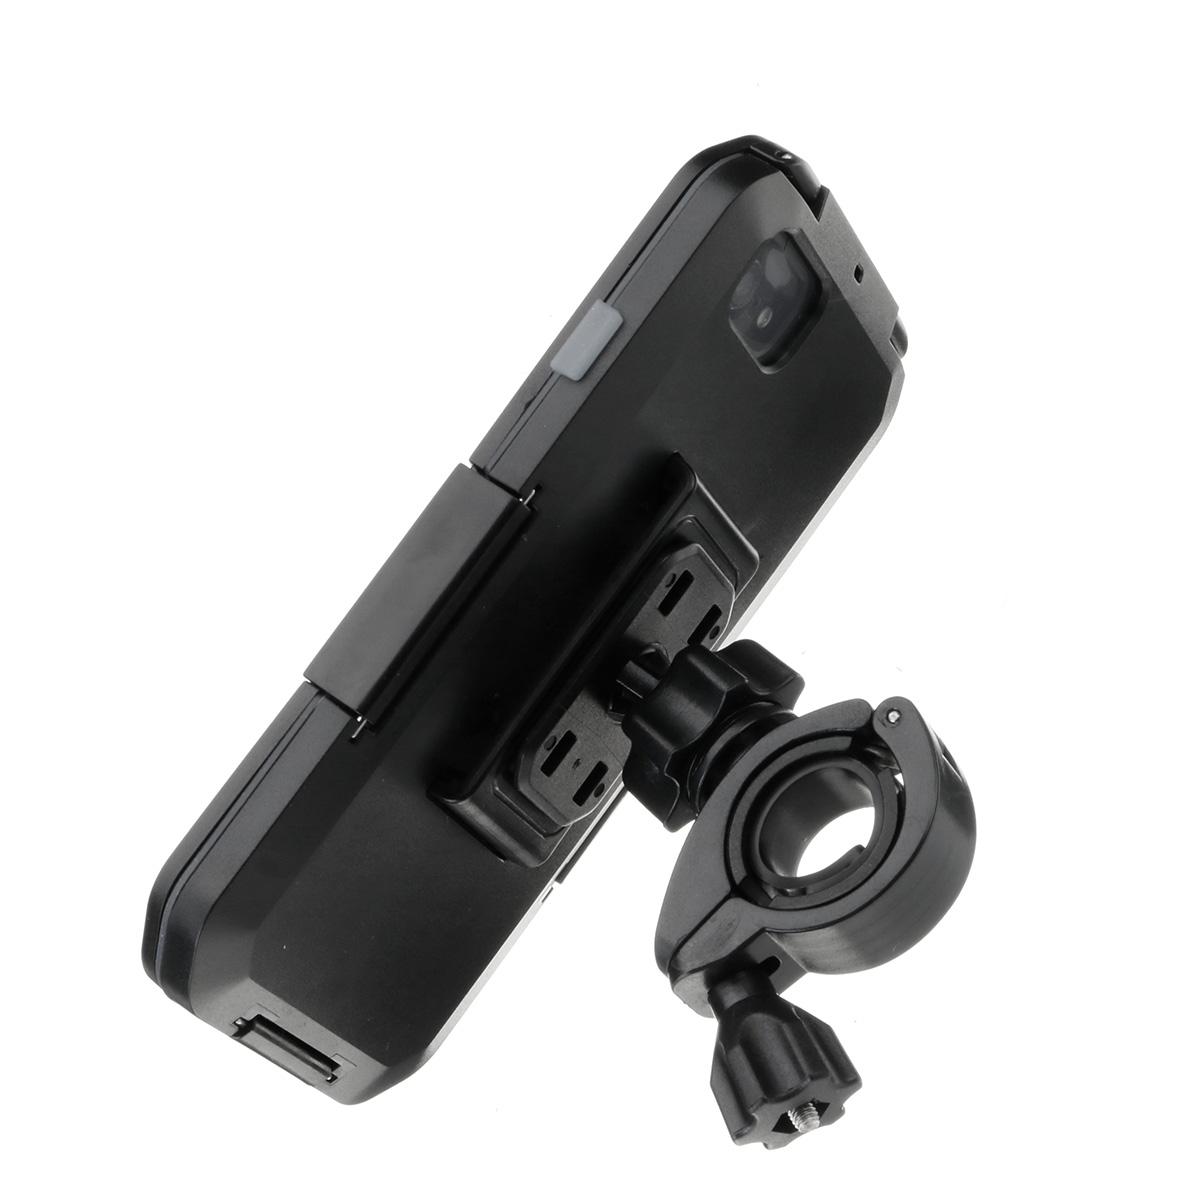 IPX8 Водонепроницаемы Держатель руля велосипеда / велосипеда Защитный Чехол Для iPhone 7/iPhone 8 - фото 3